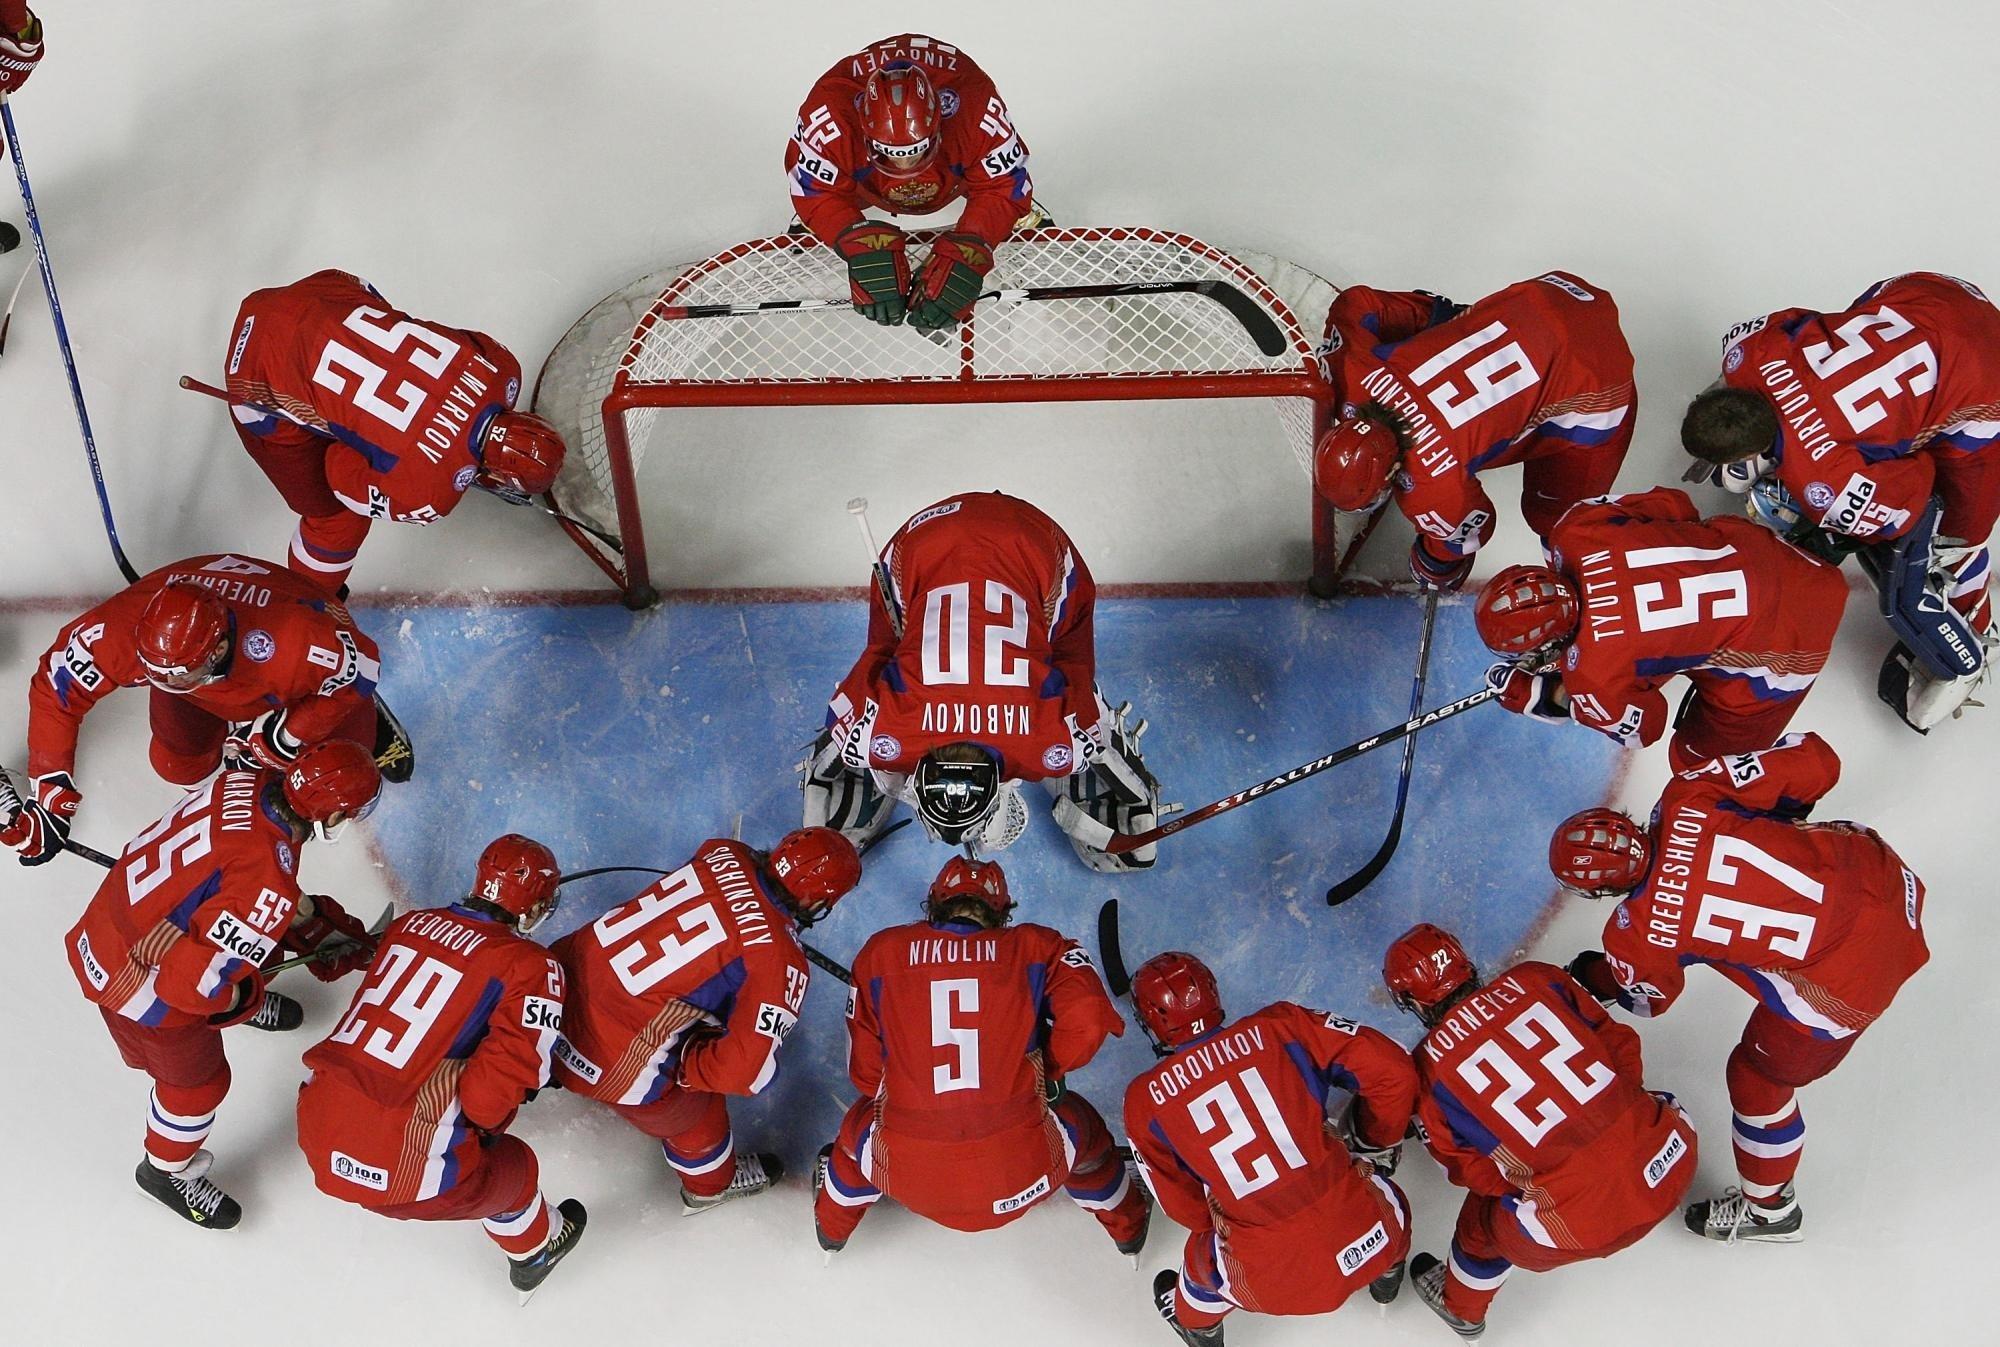 Шесть хоккеистов покинули расположение сборной России